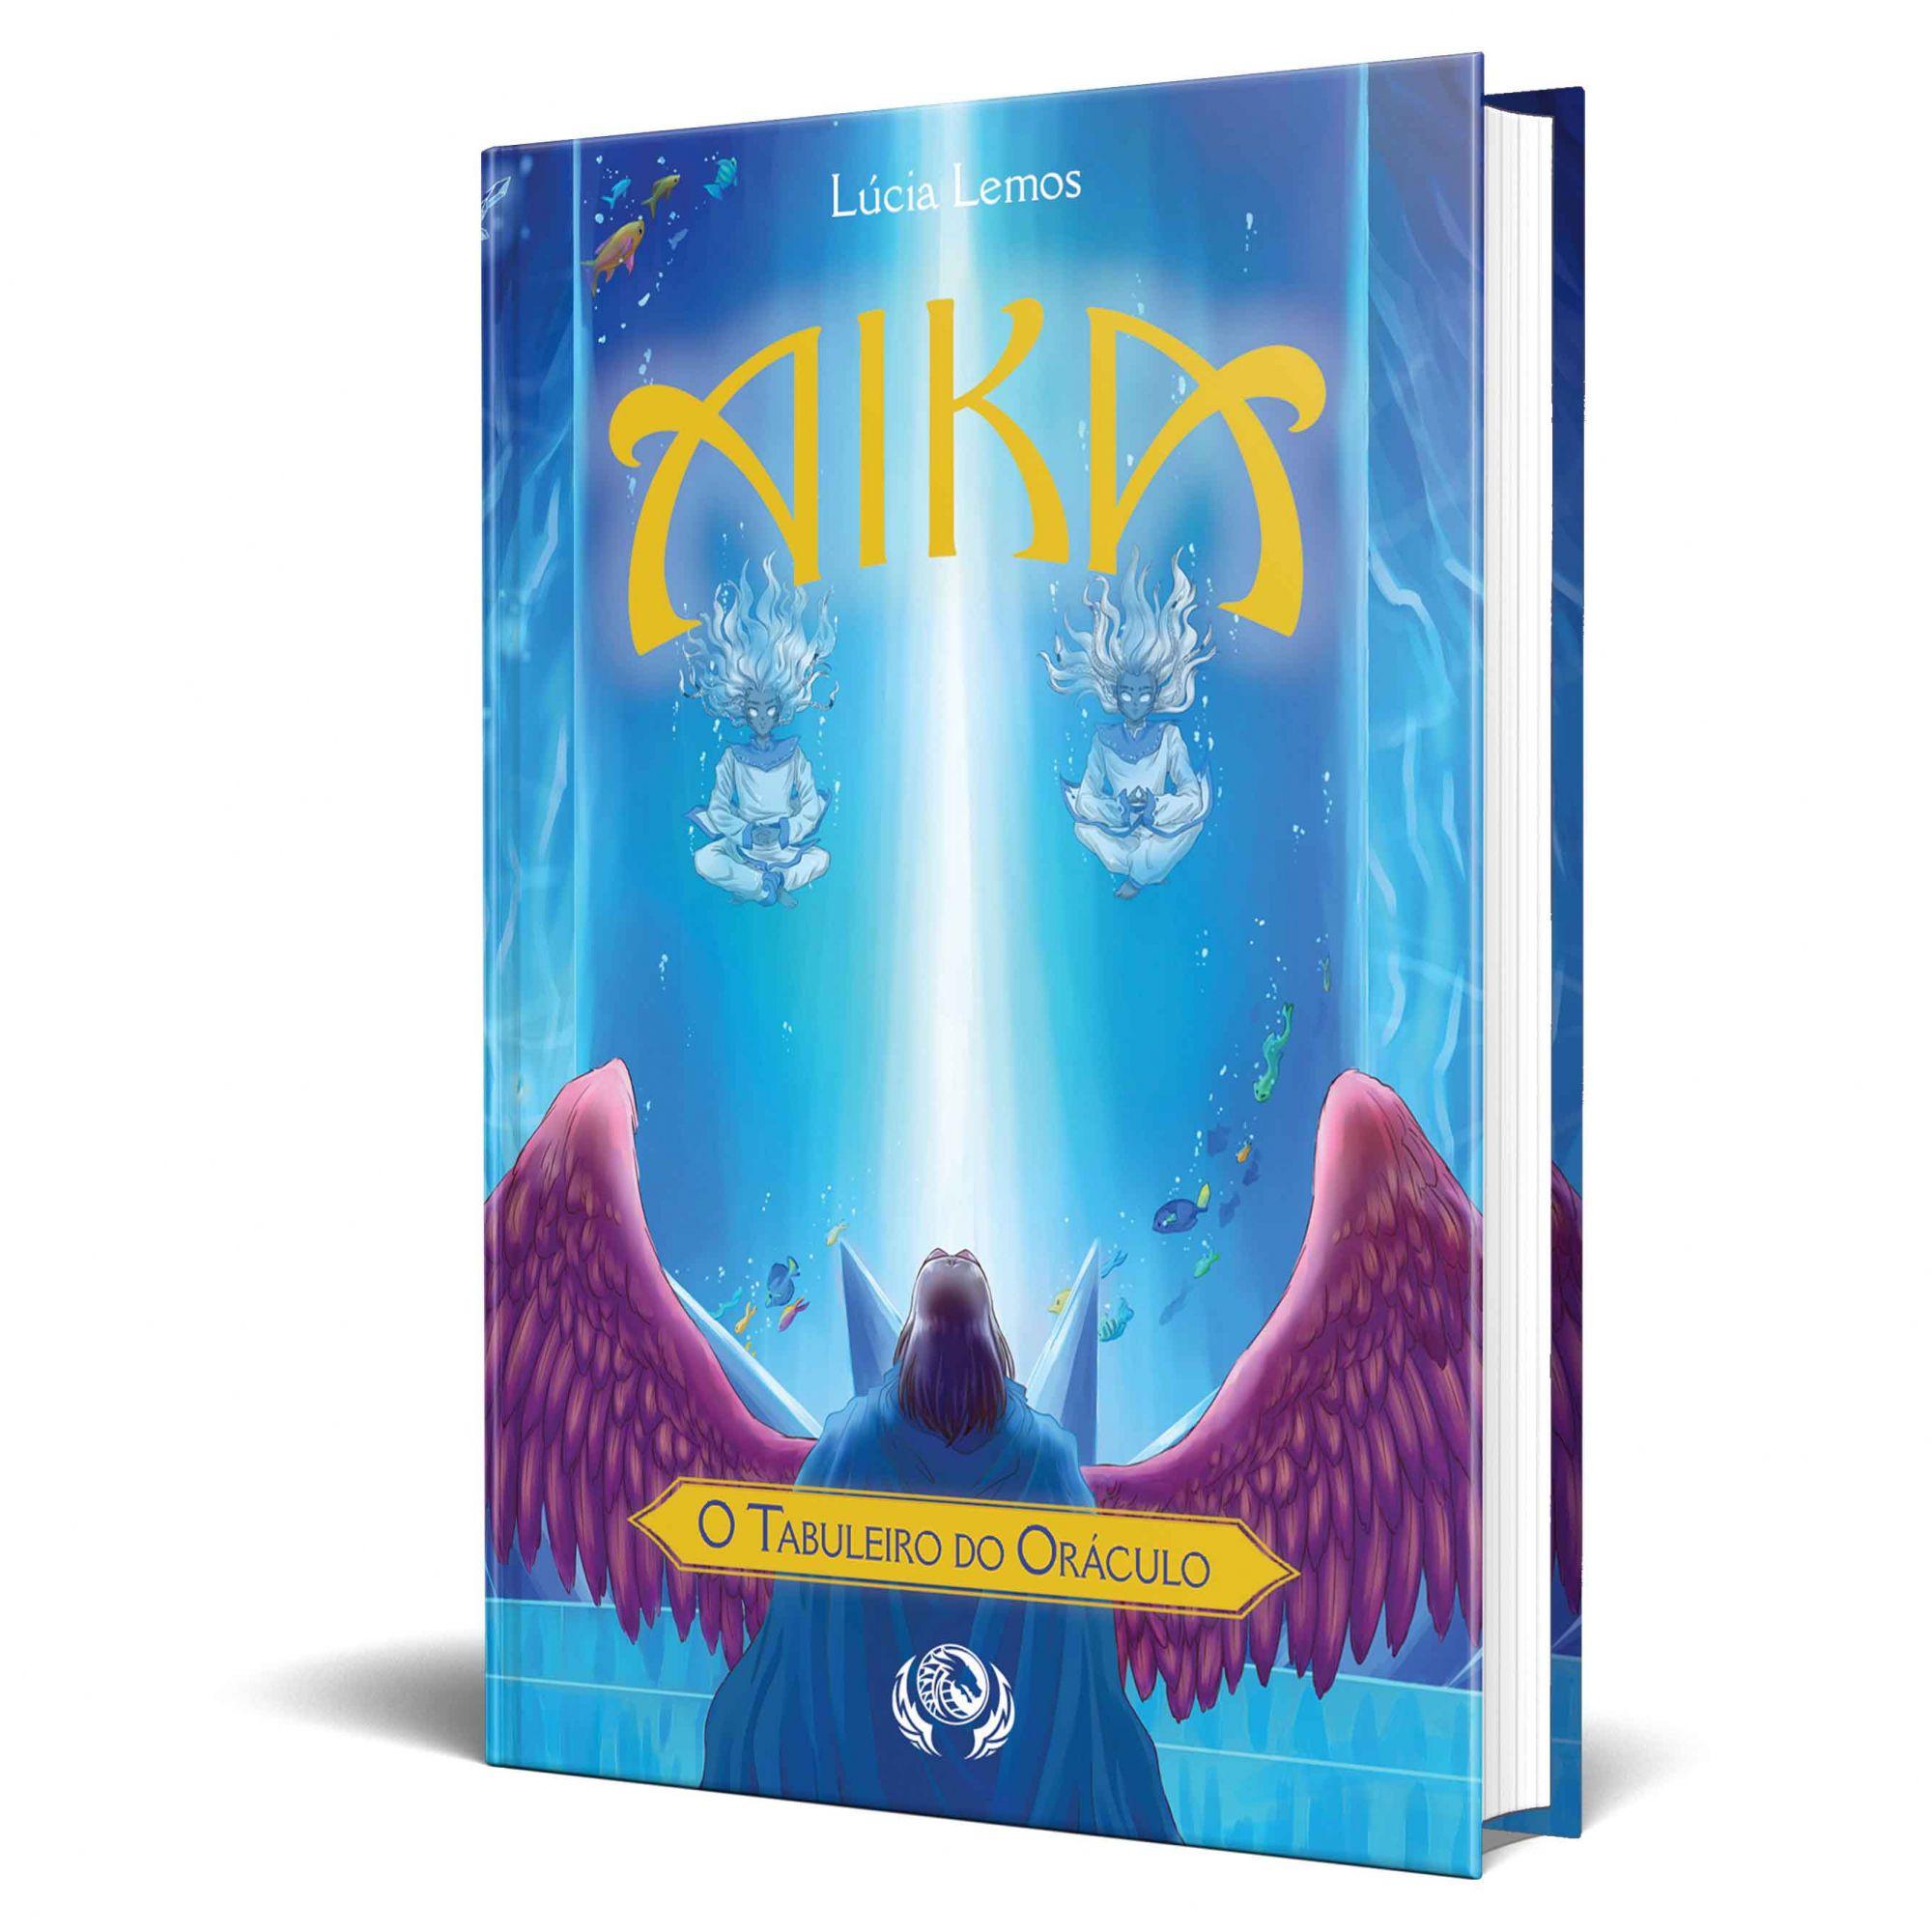 *** Pré-Venda*** Livro Aika - O Tabuleiro do Oráculo Edição de Aniversário